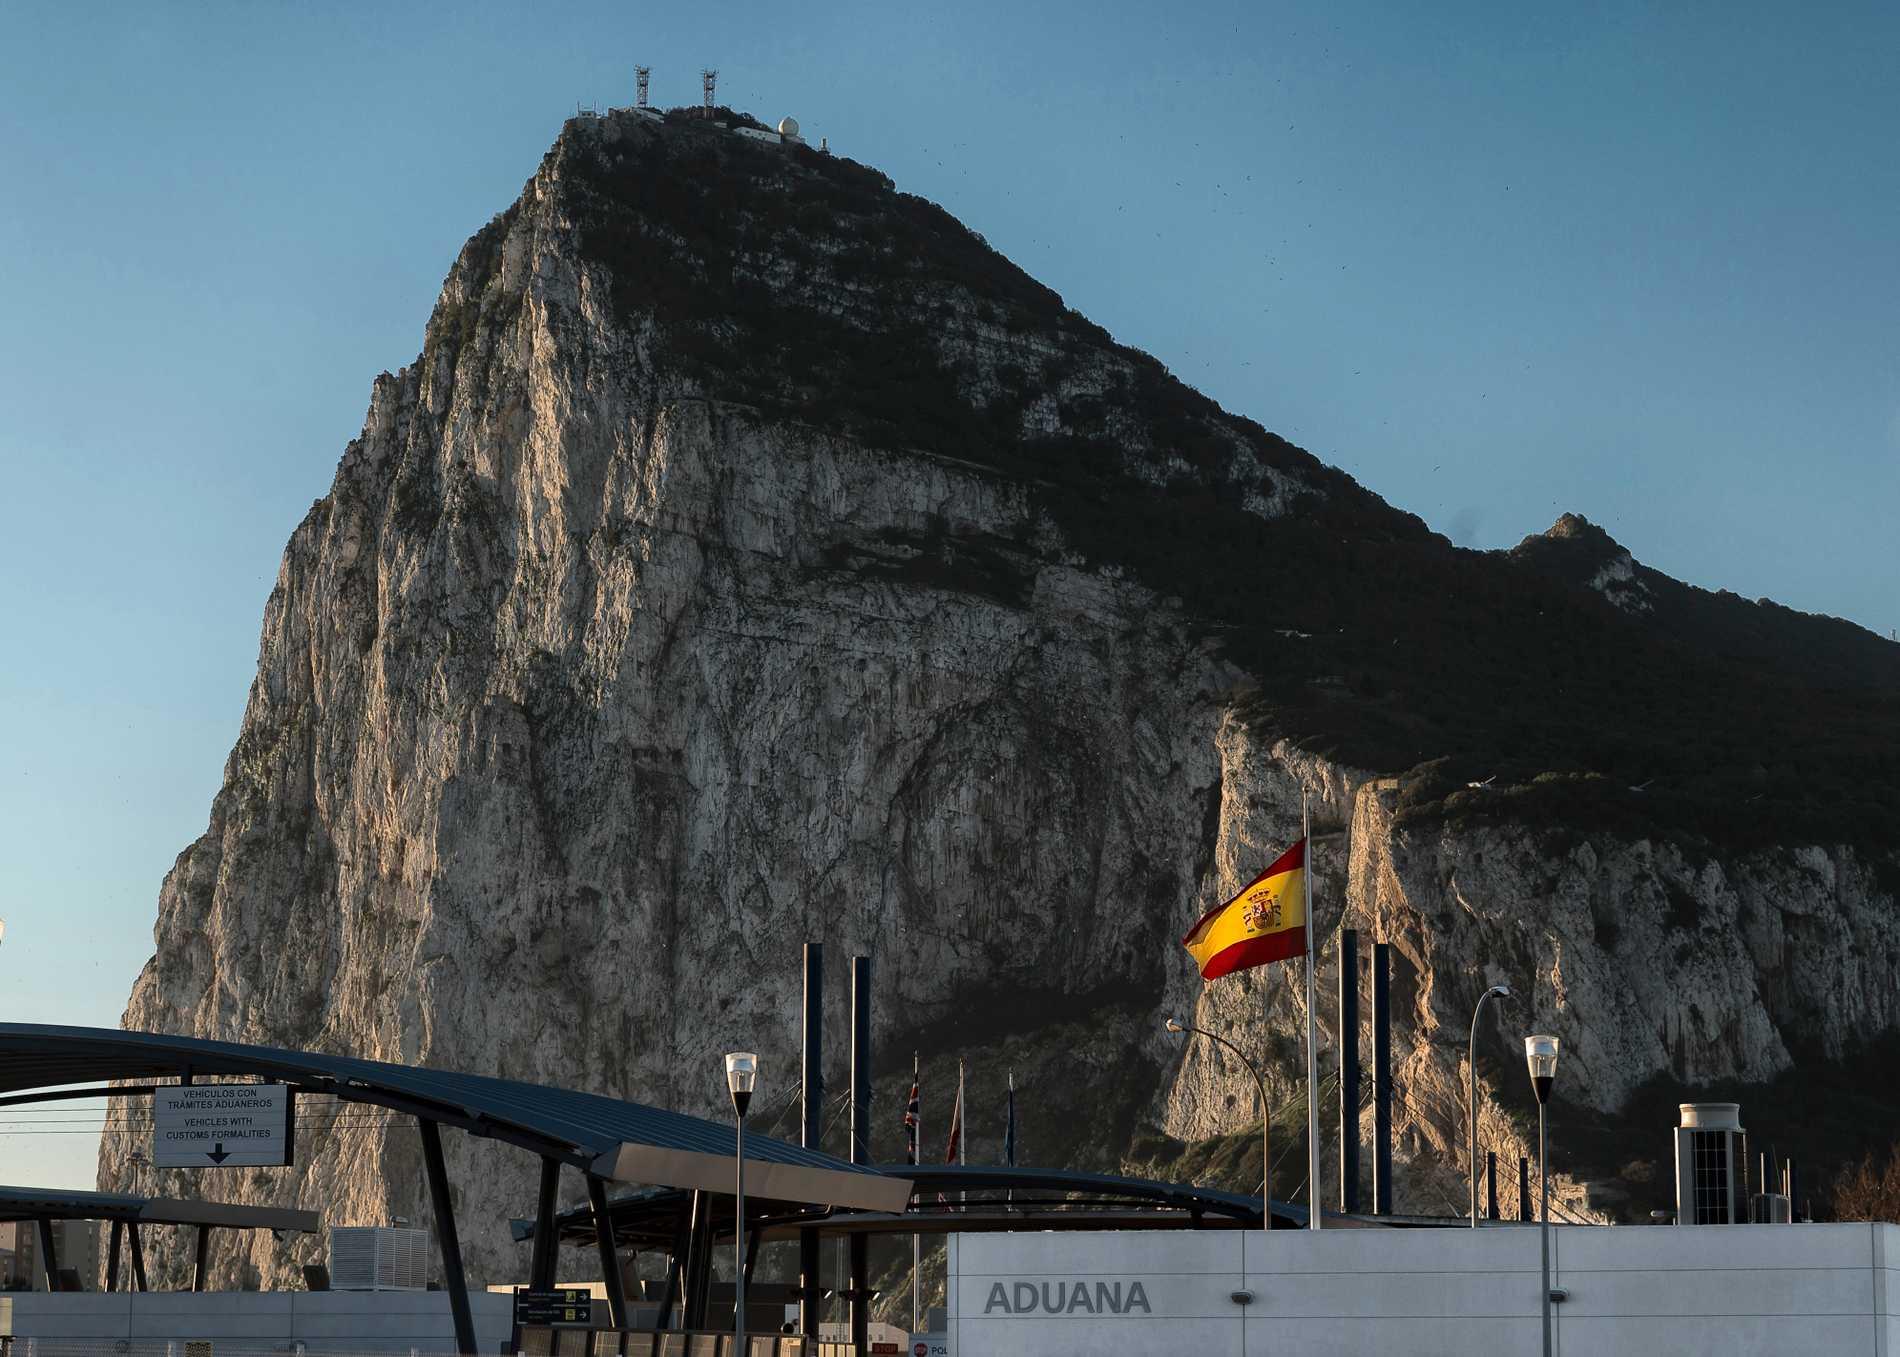 Spanska tullens lokaler i gränsstaden La Línea de la Concepción, med Gibraltar i bakgrunden. Arkivbild.